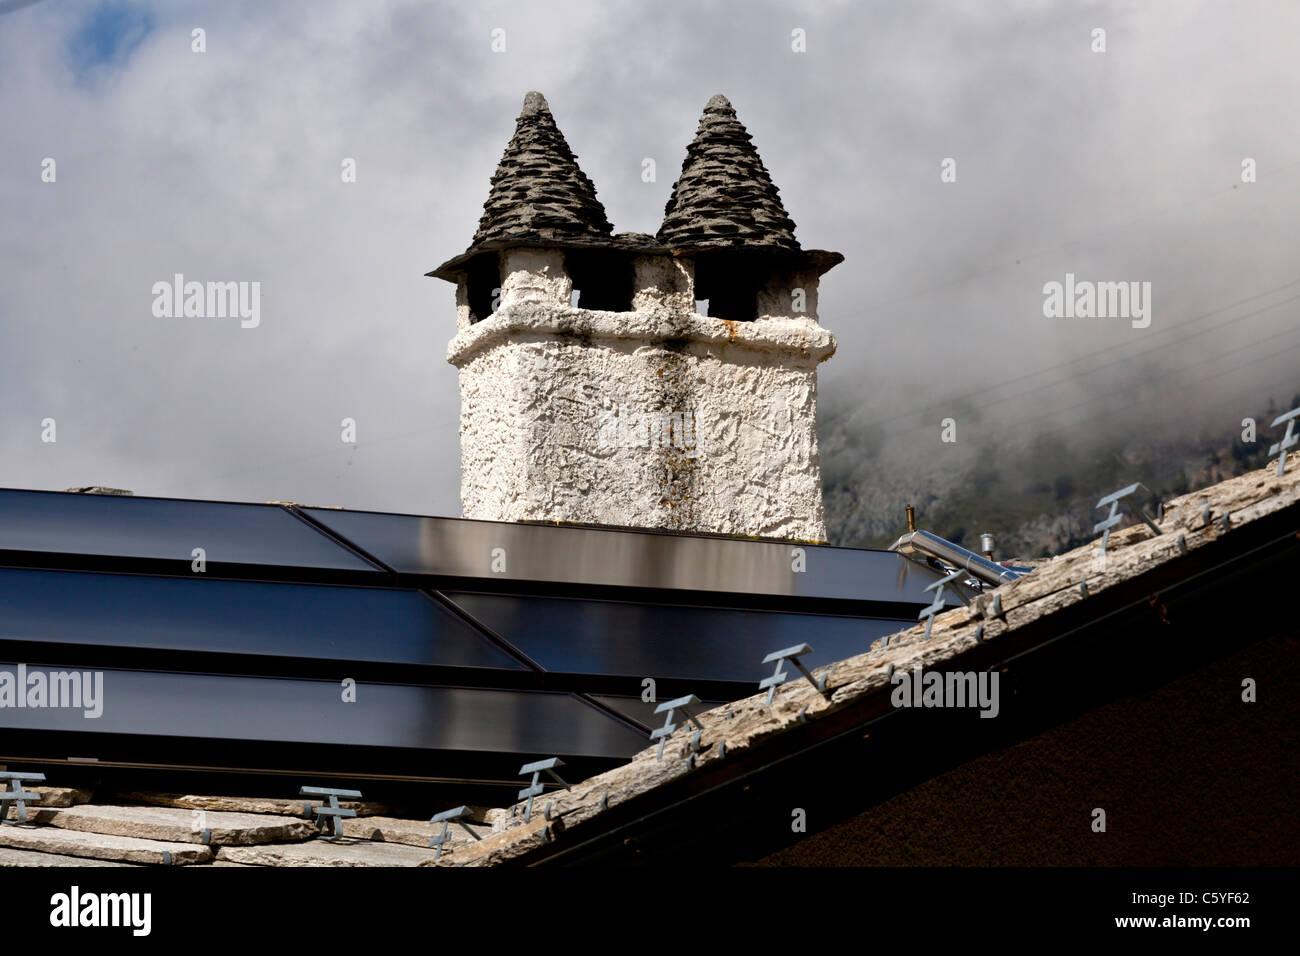 Chimney stacks on a roof covered with cut slates (Cogne - Italy). Souches de cheminées sur un toit de lauzes - Stock Image